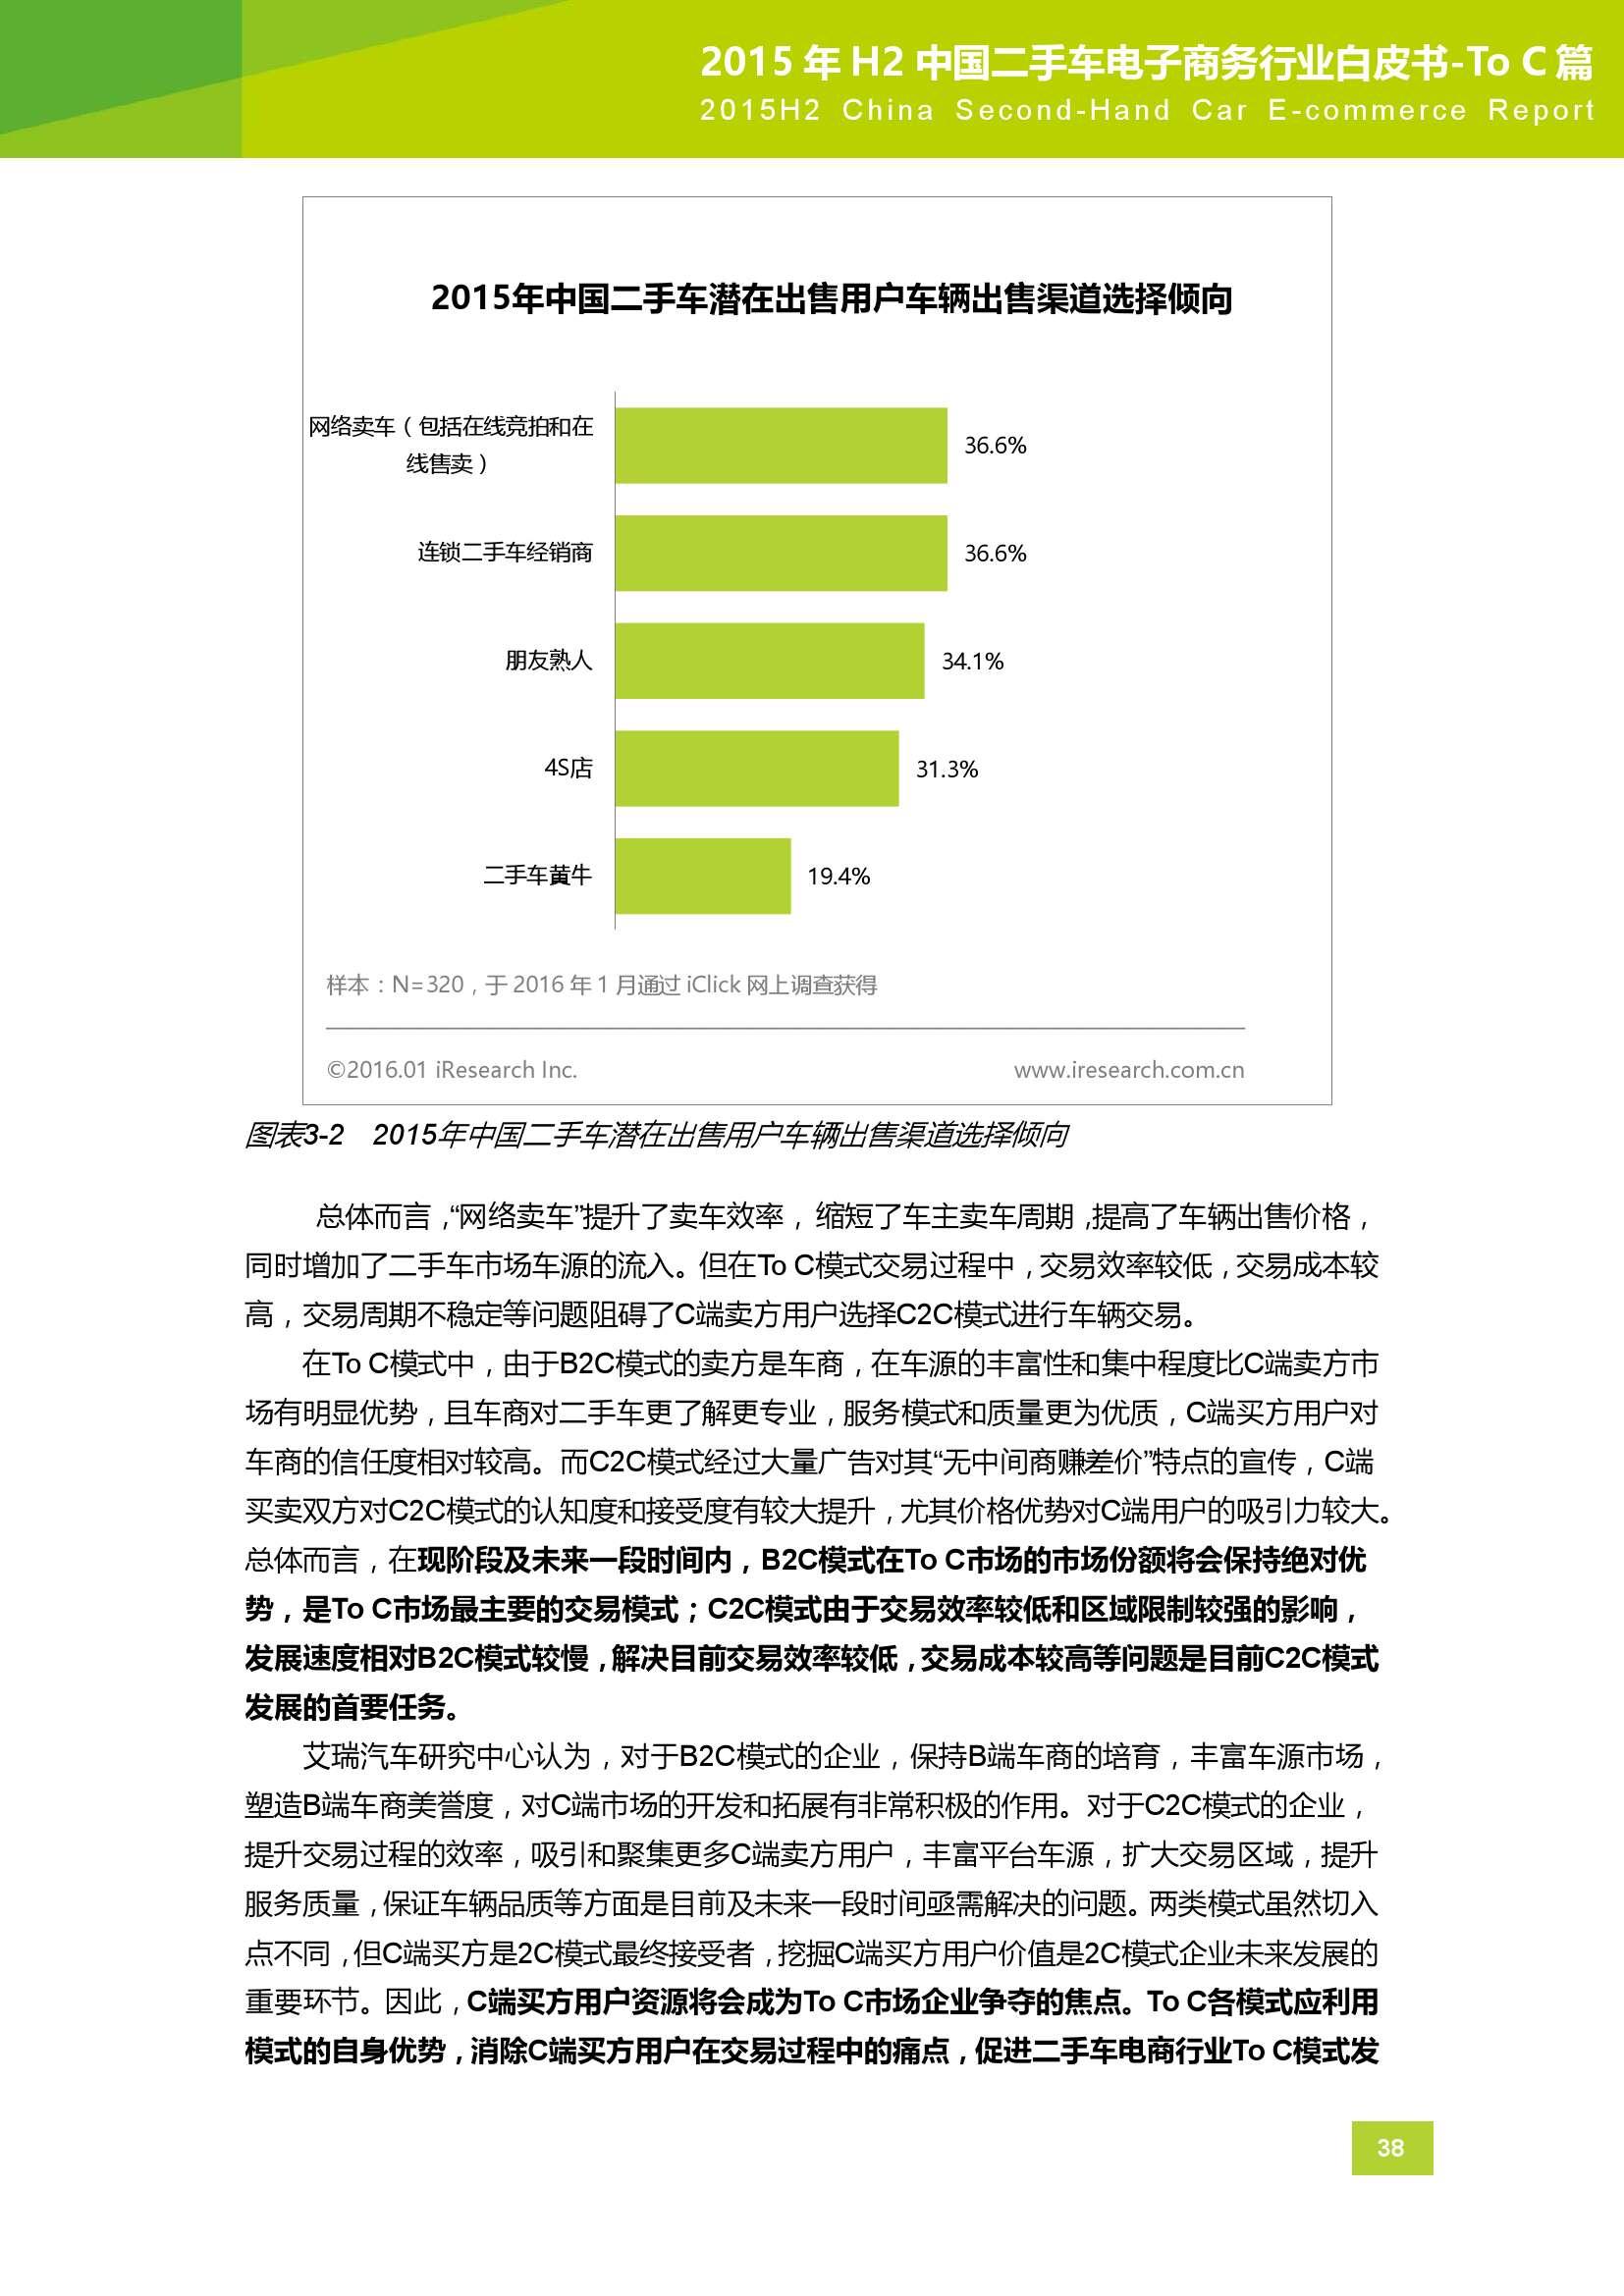 2015年H2中国二手车电子商务行业白皮书_000038